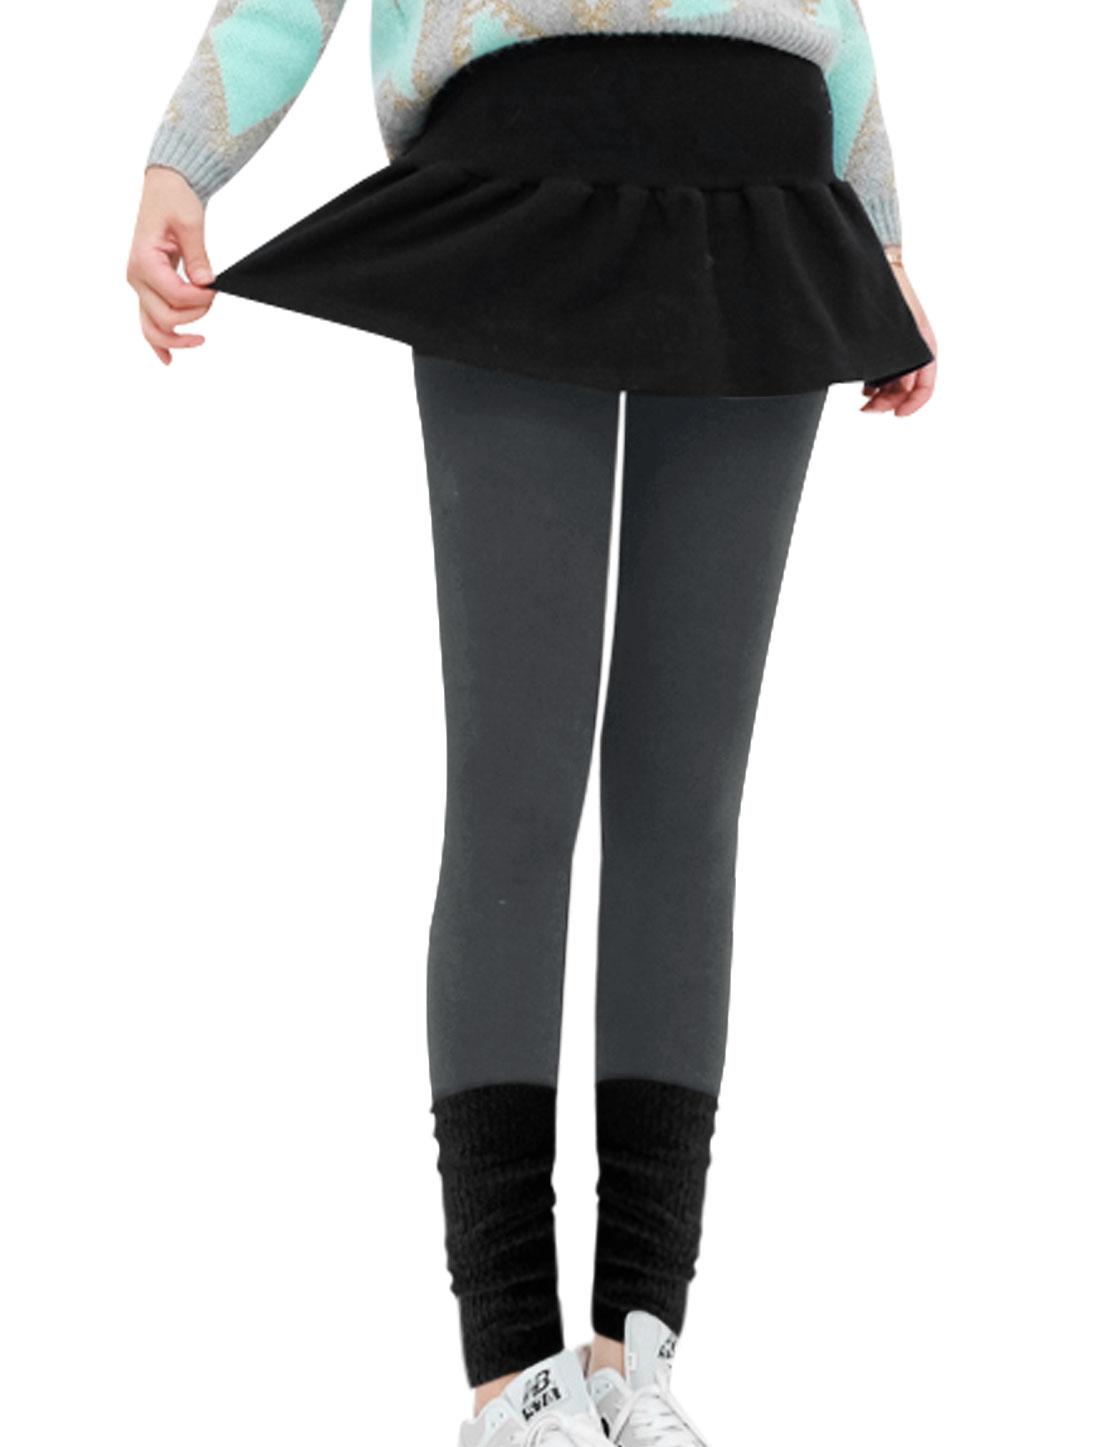 Knit Cuffs Panel Slim Cut Stretch Dark Gray Leggings for Lady XS